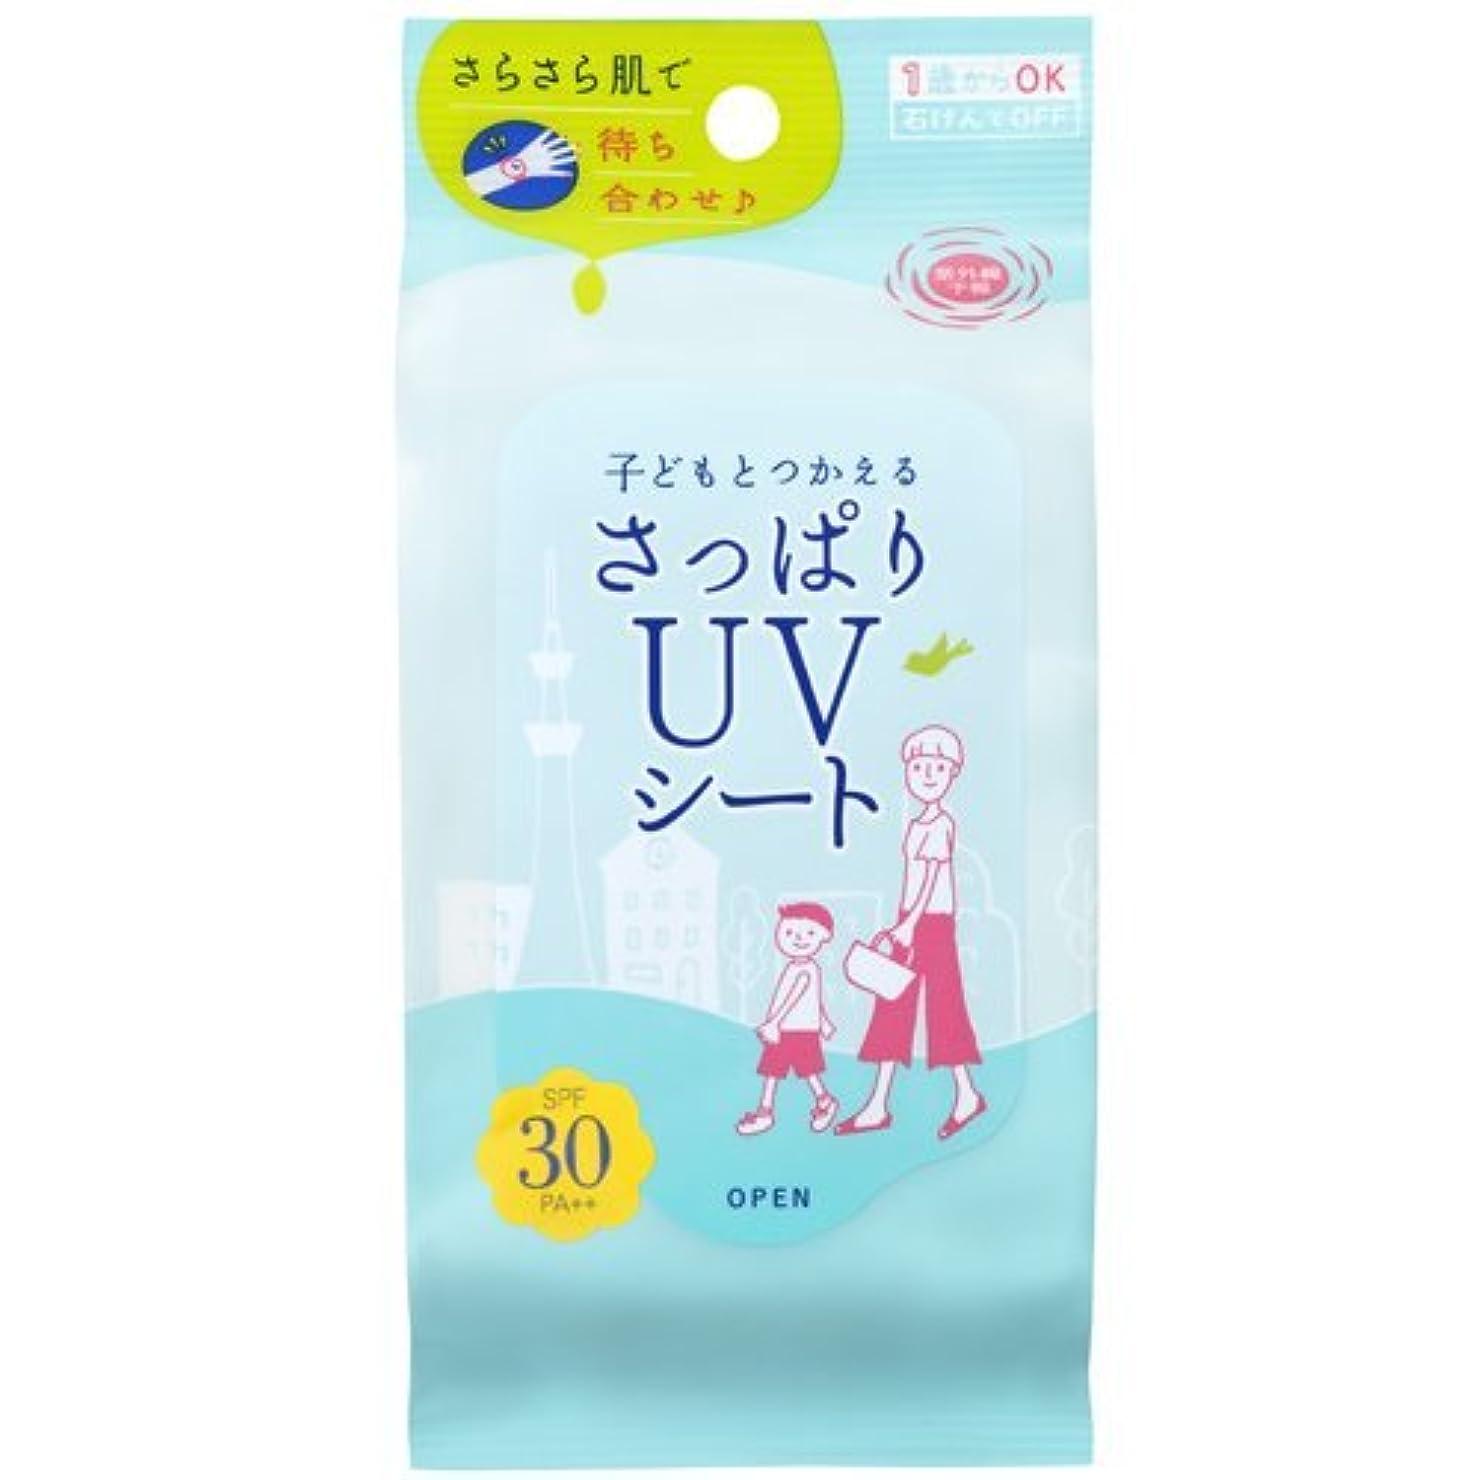 実用的価値のない習熟度石澤研究所 紫外線予報 さっぱりUVシート 30枚入